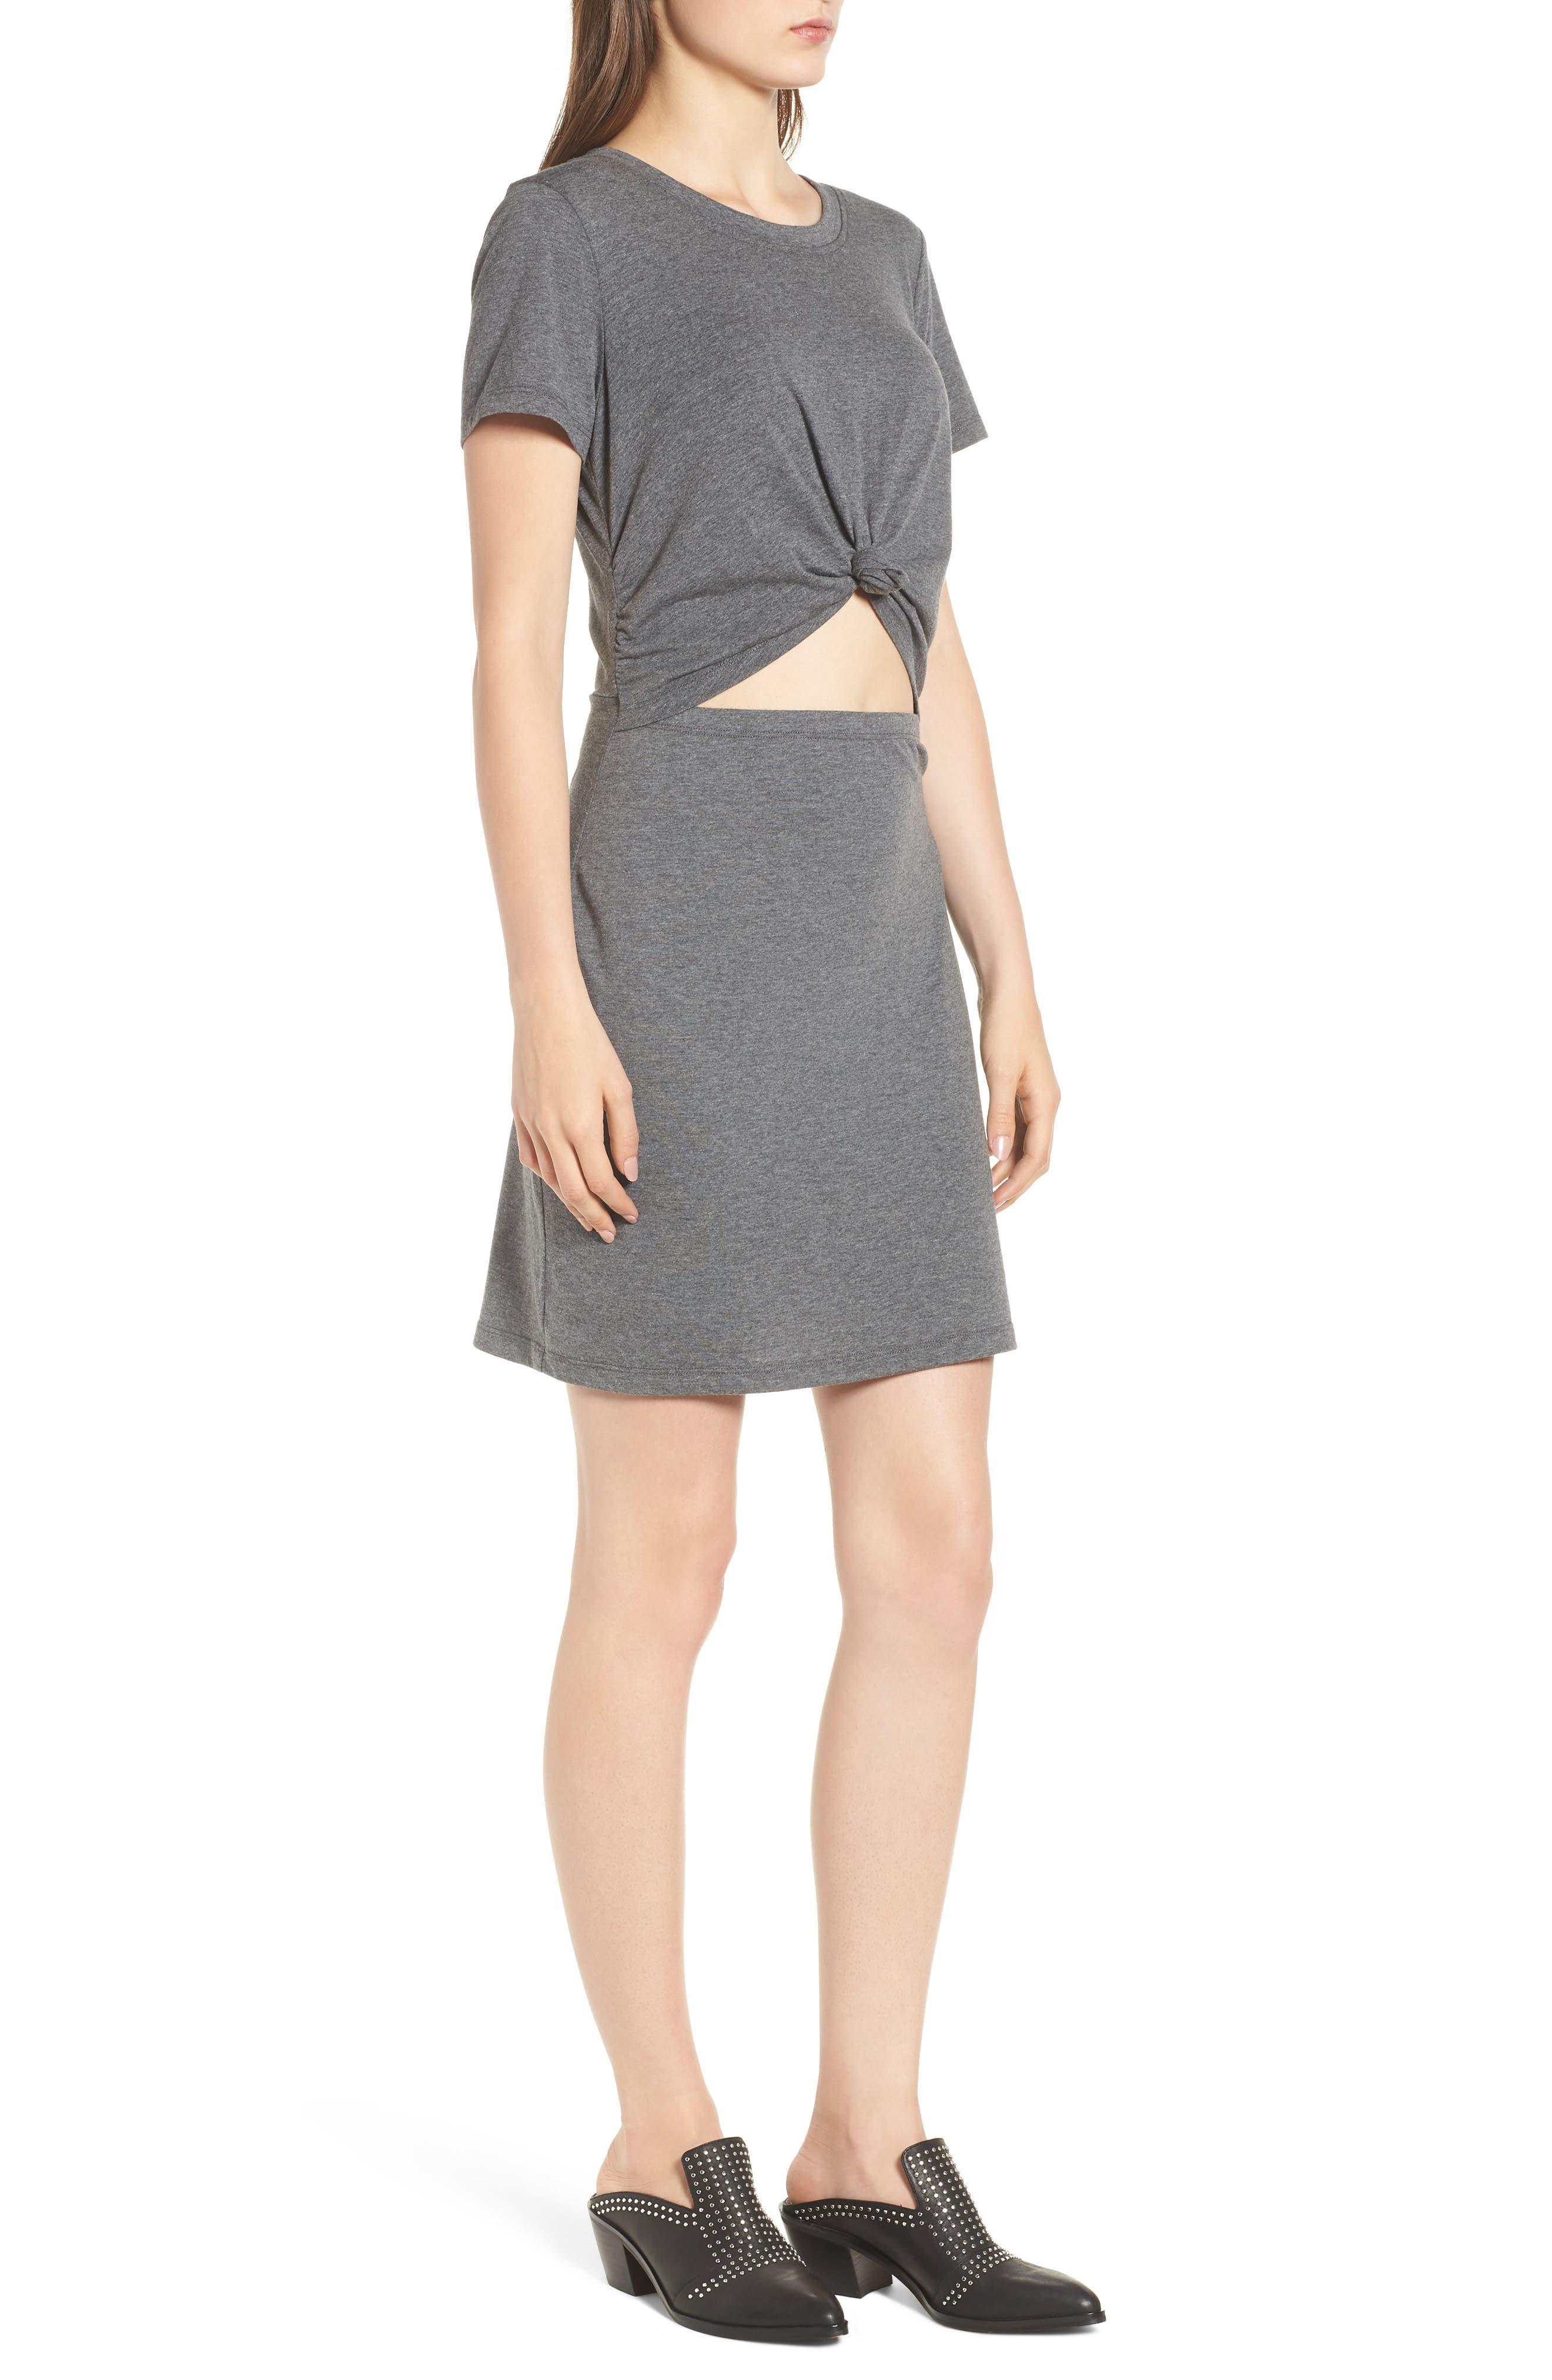 SOCIALITE,                             Knot Front Cutout Dress,                             Alternate thumbnail 4, color,                             020